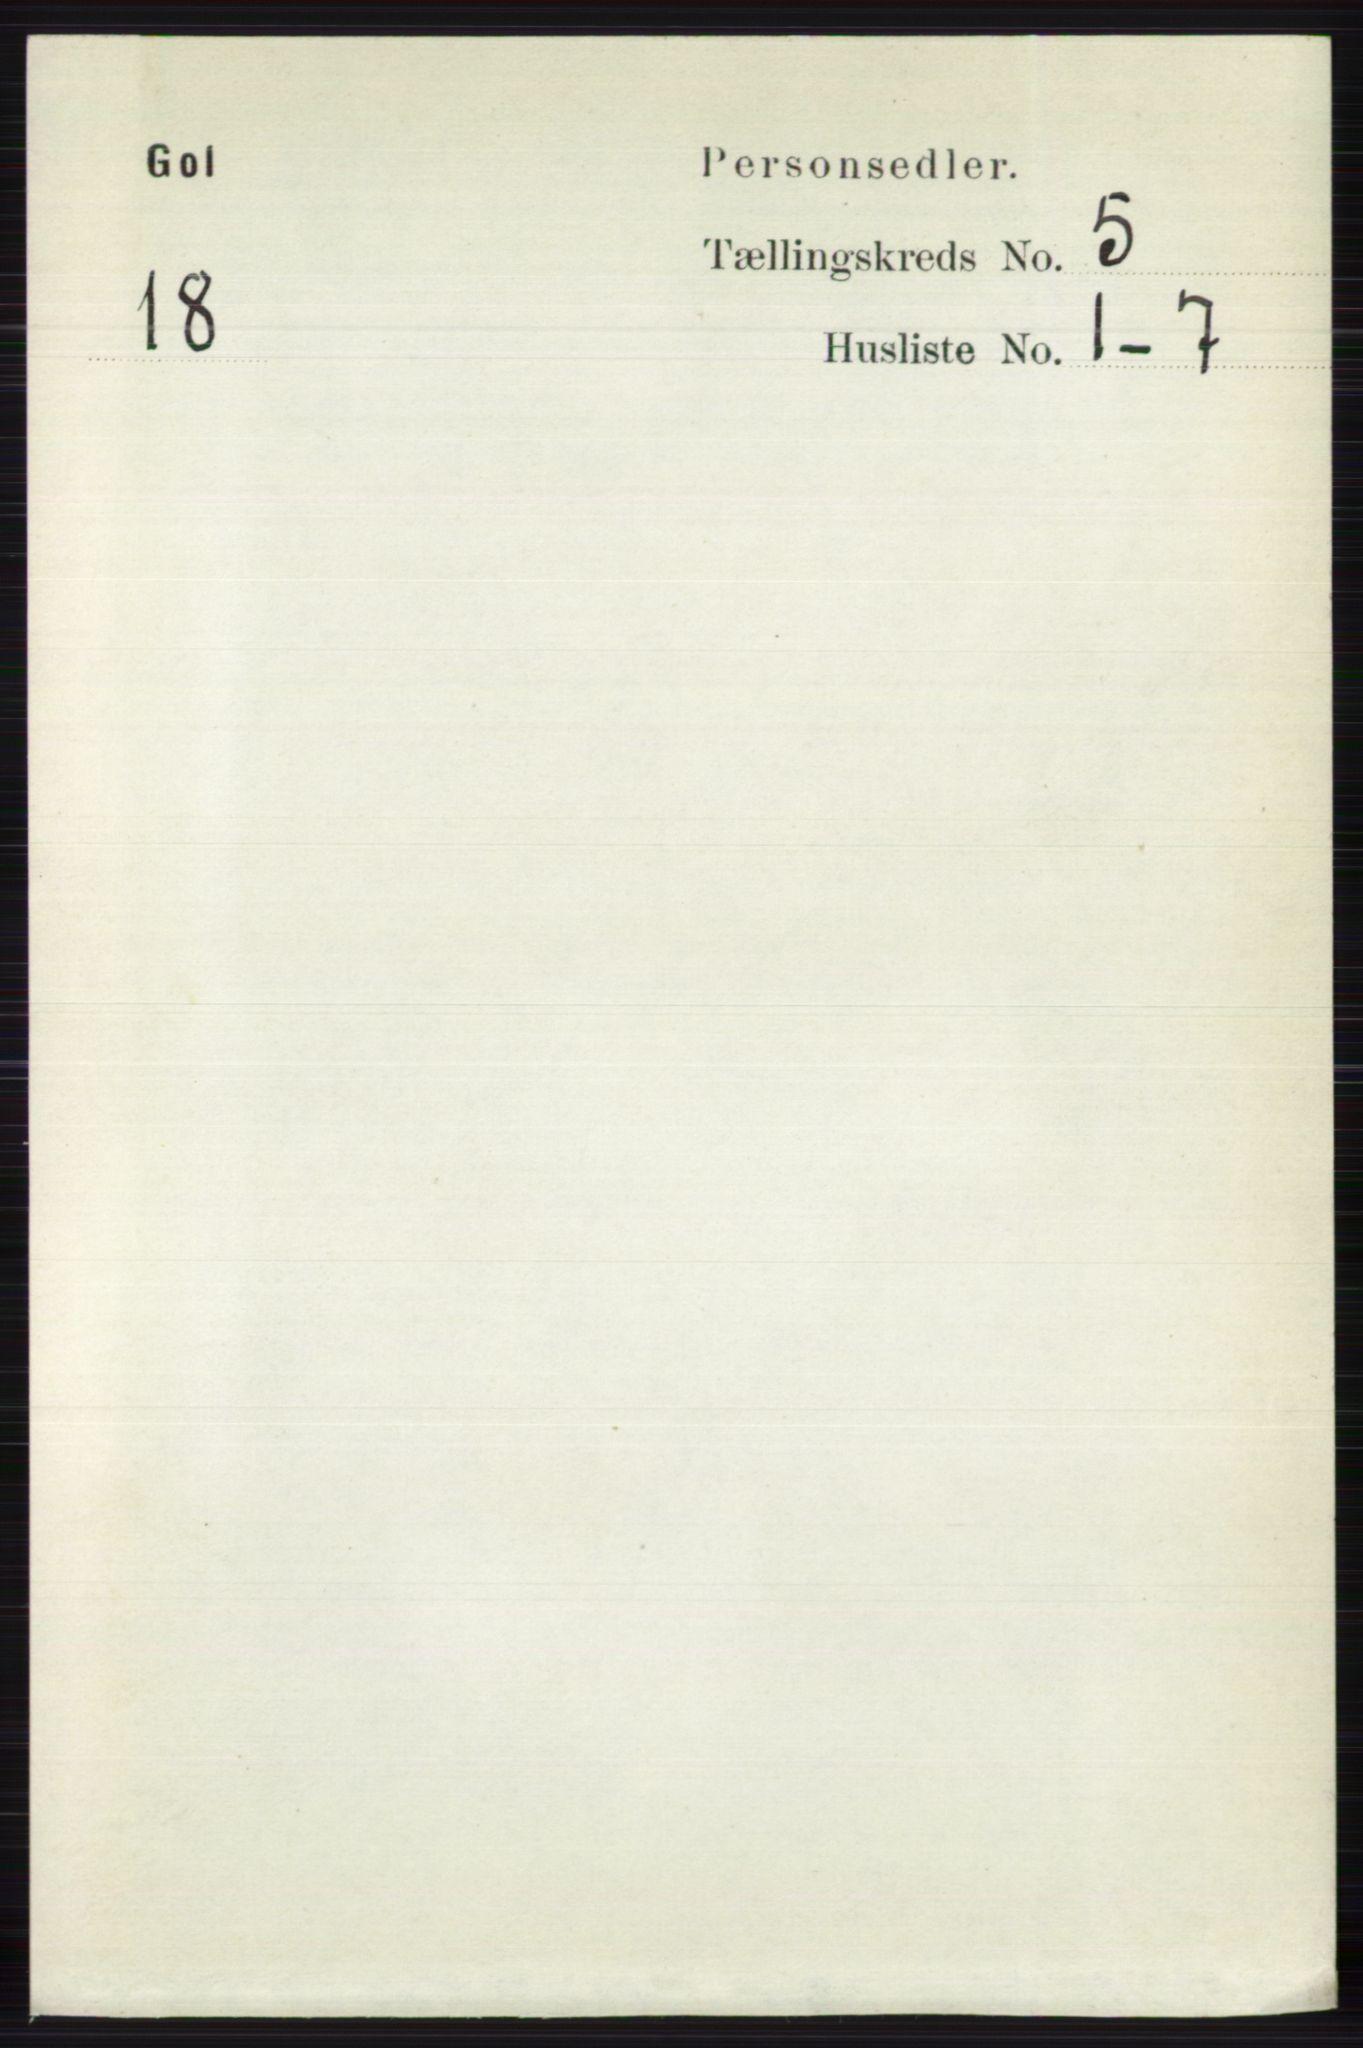 RA, Folketelling 1891 for 0617 Gol og Hemsedal herred, 1891, s. 2304